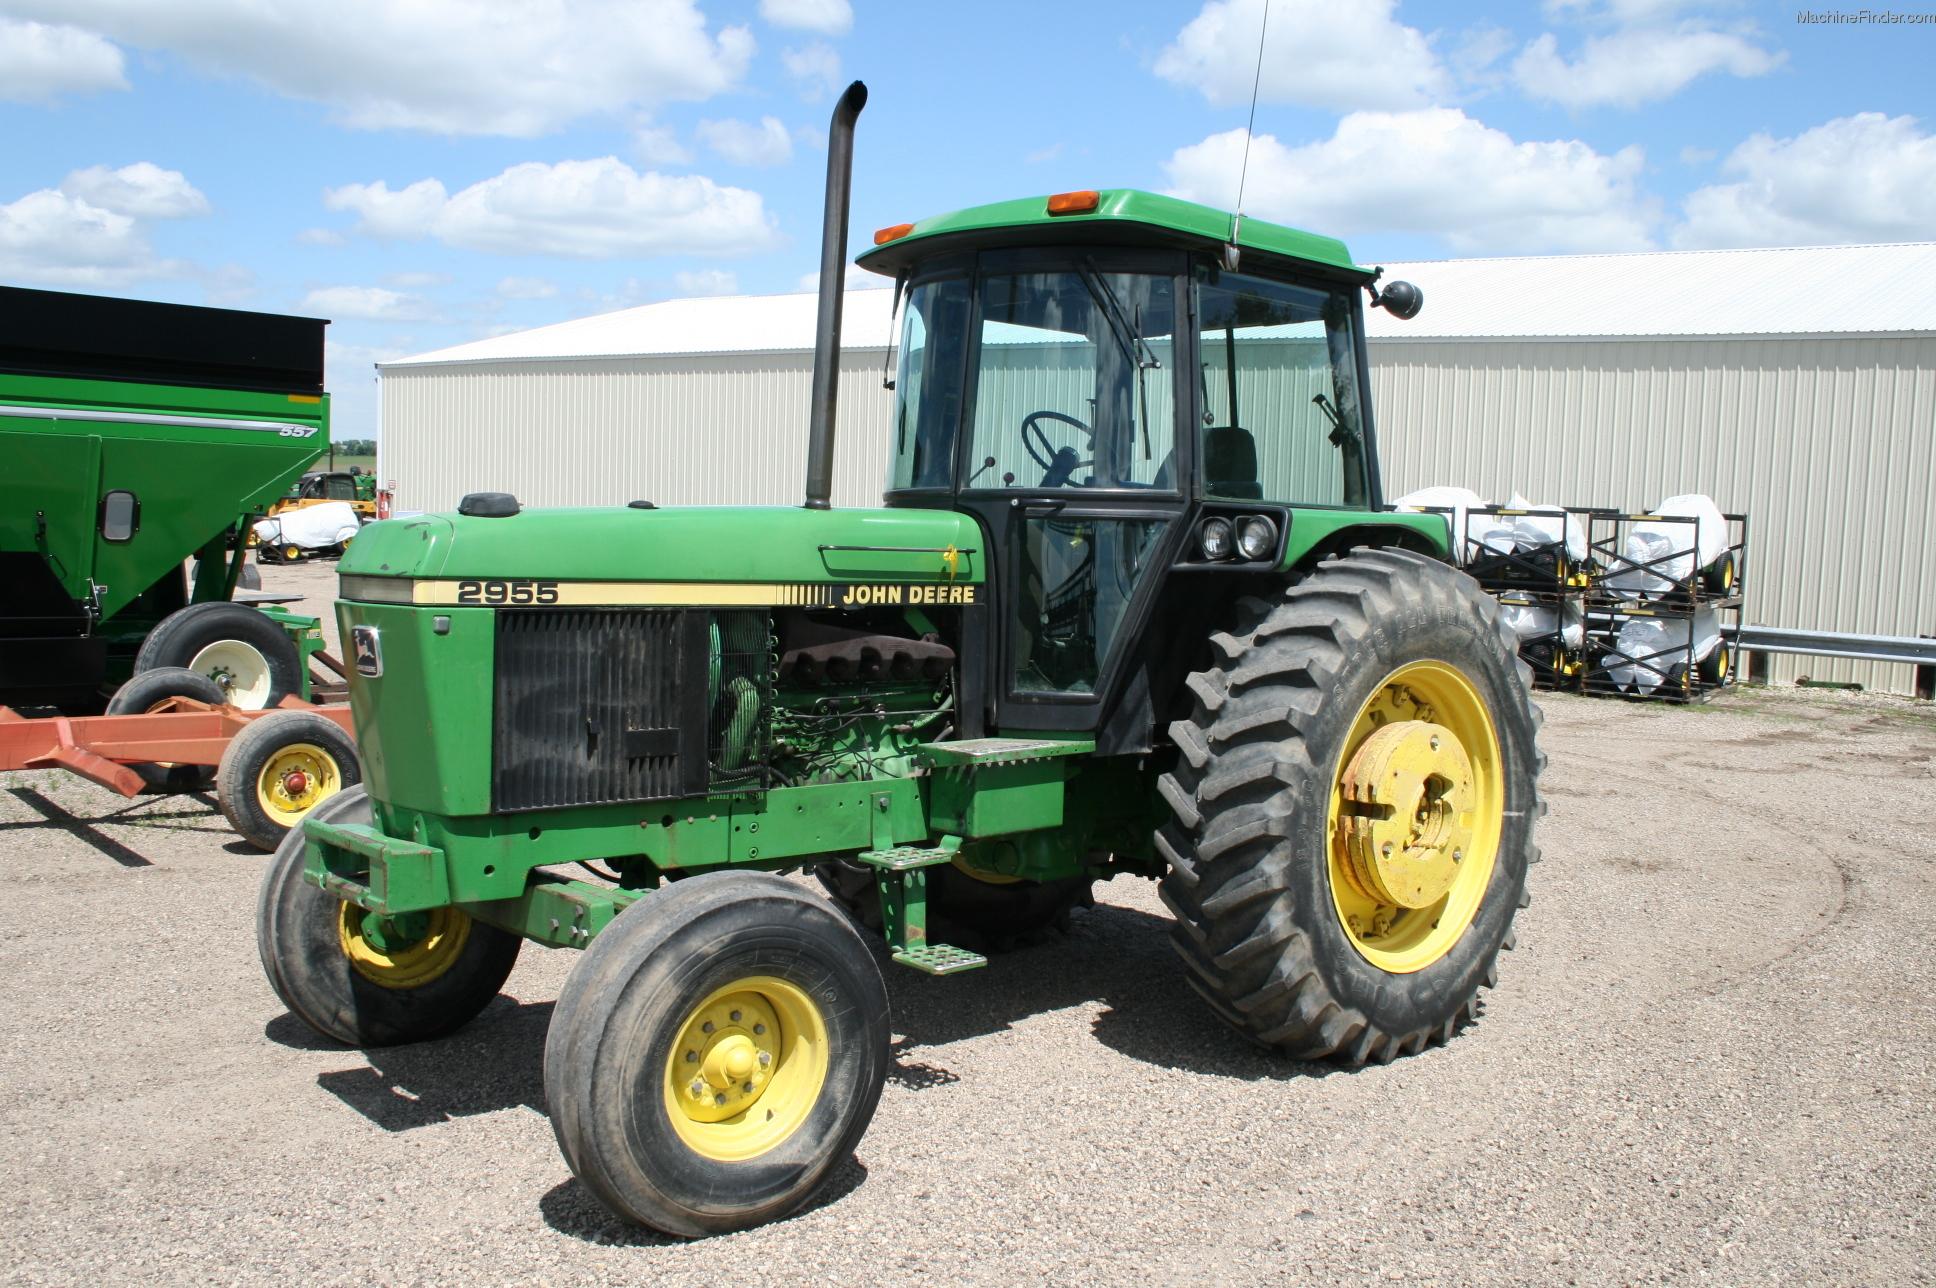 1988 John Deere 2955 Tractors - Row Crop   100hp